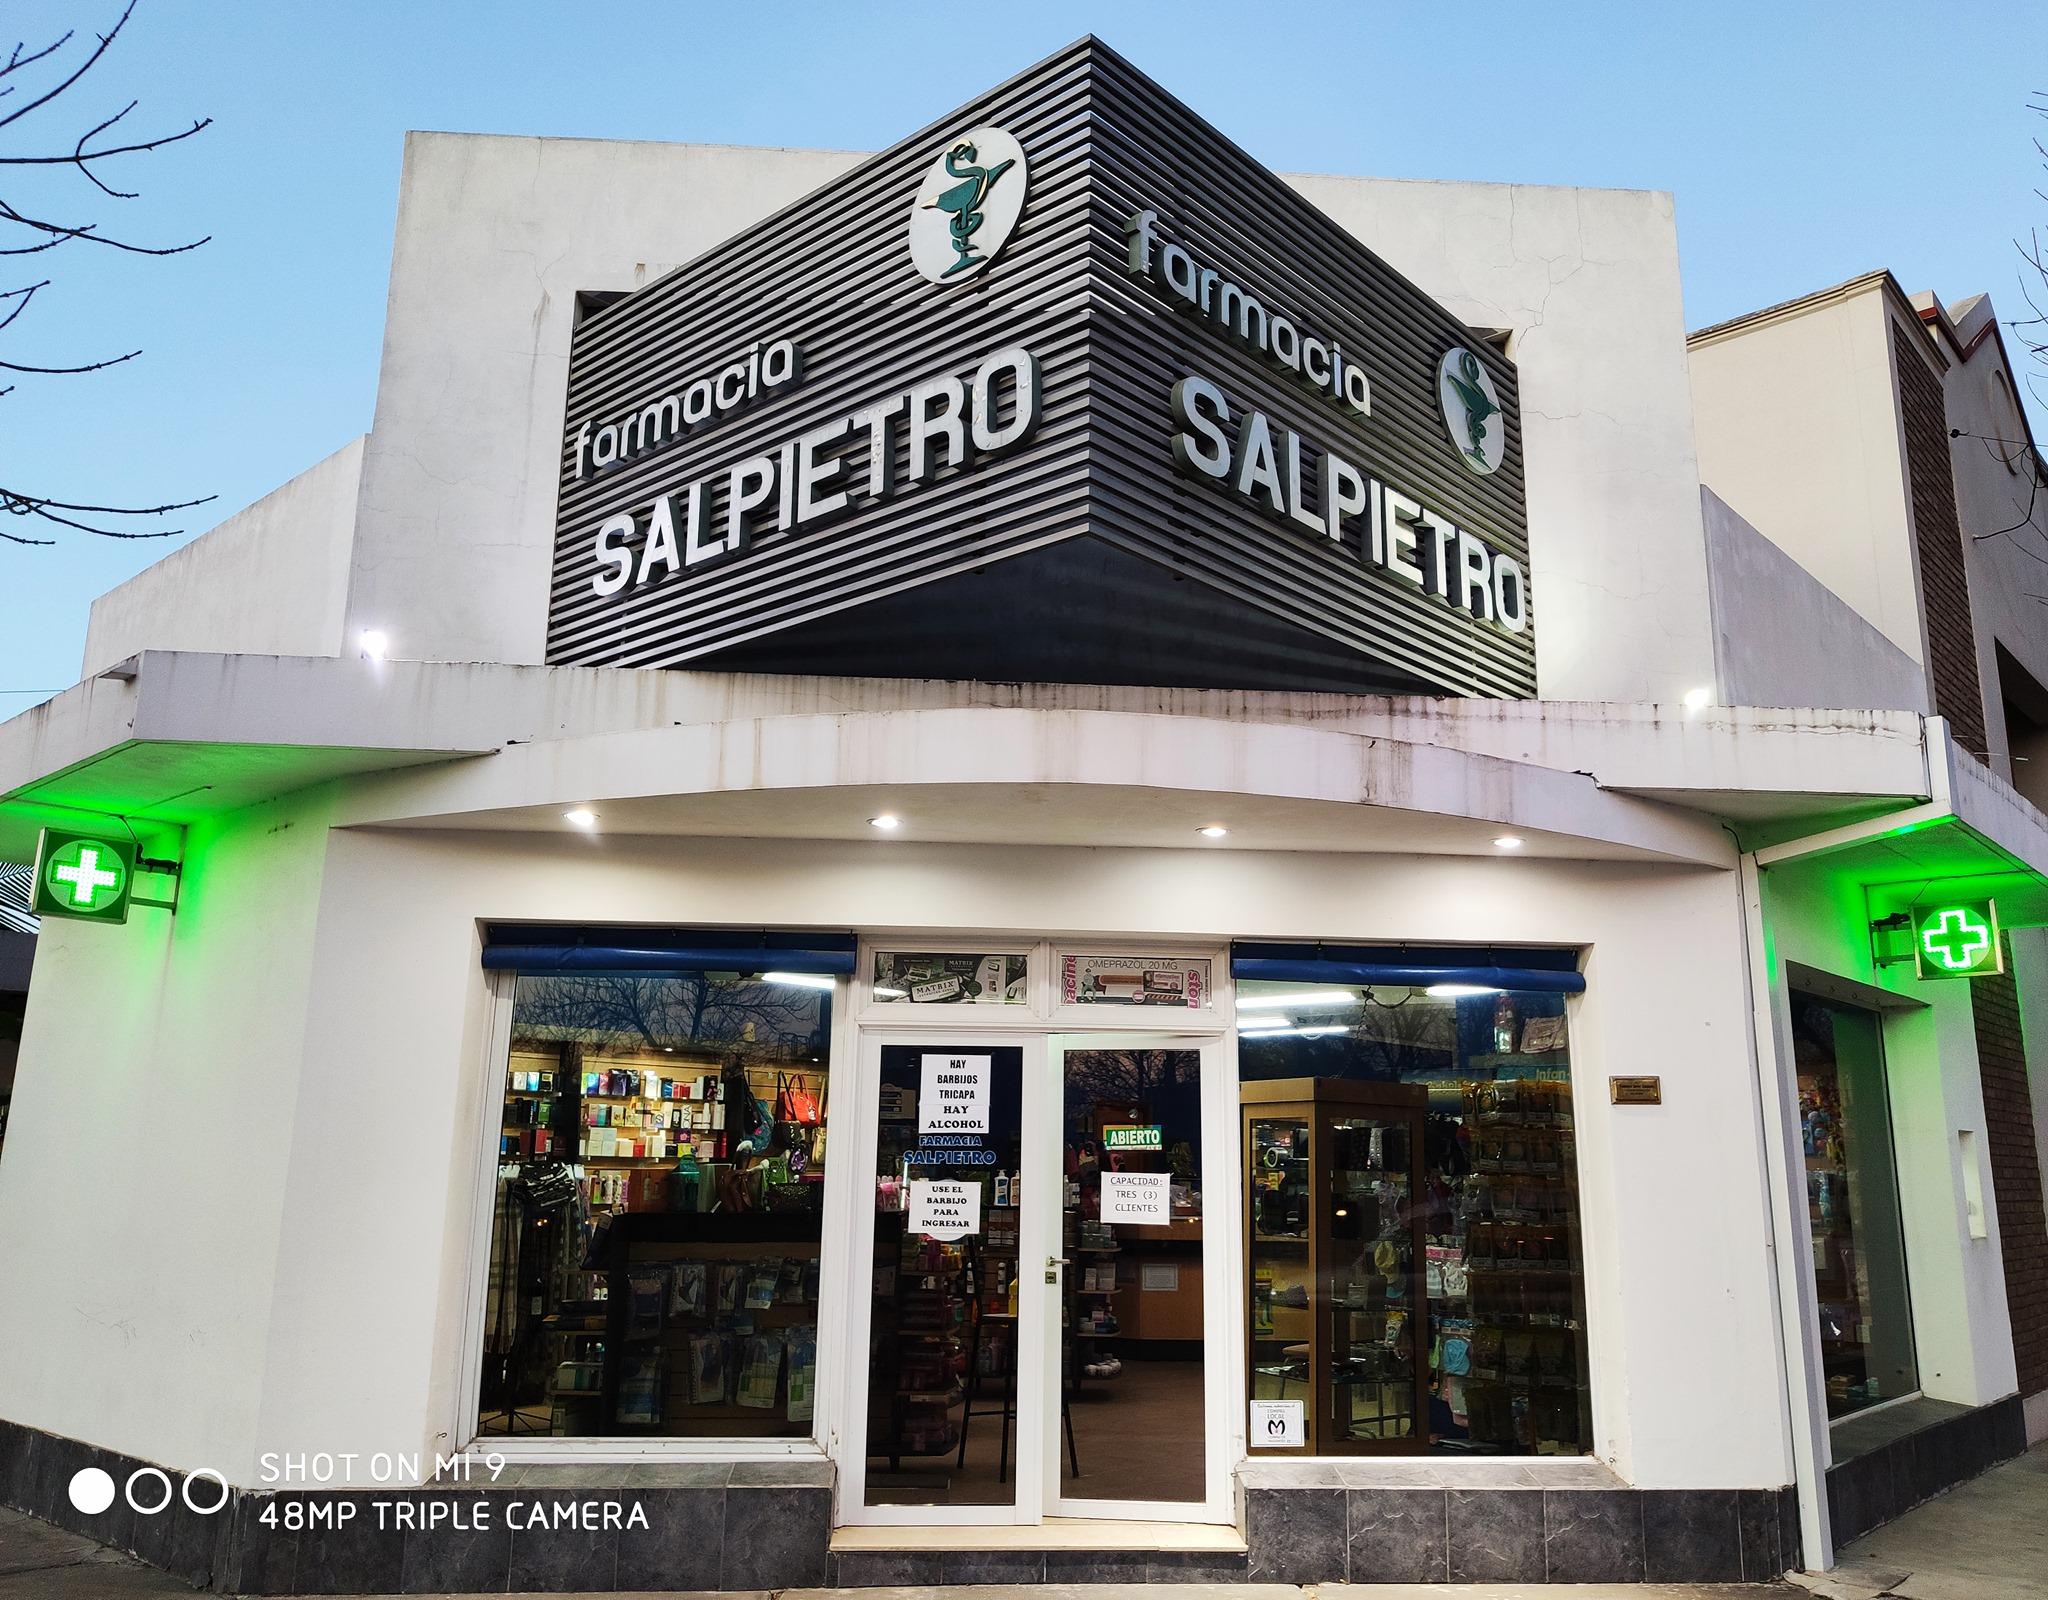 SALPIETRO